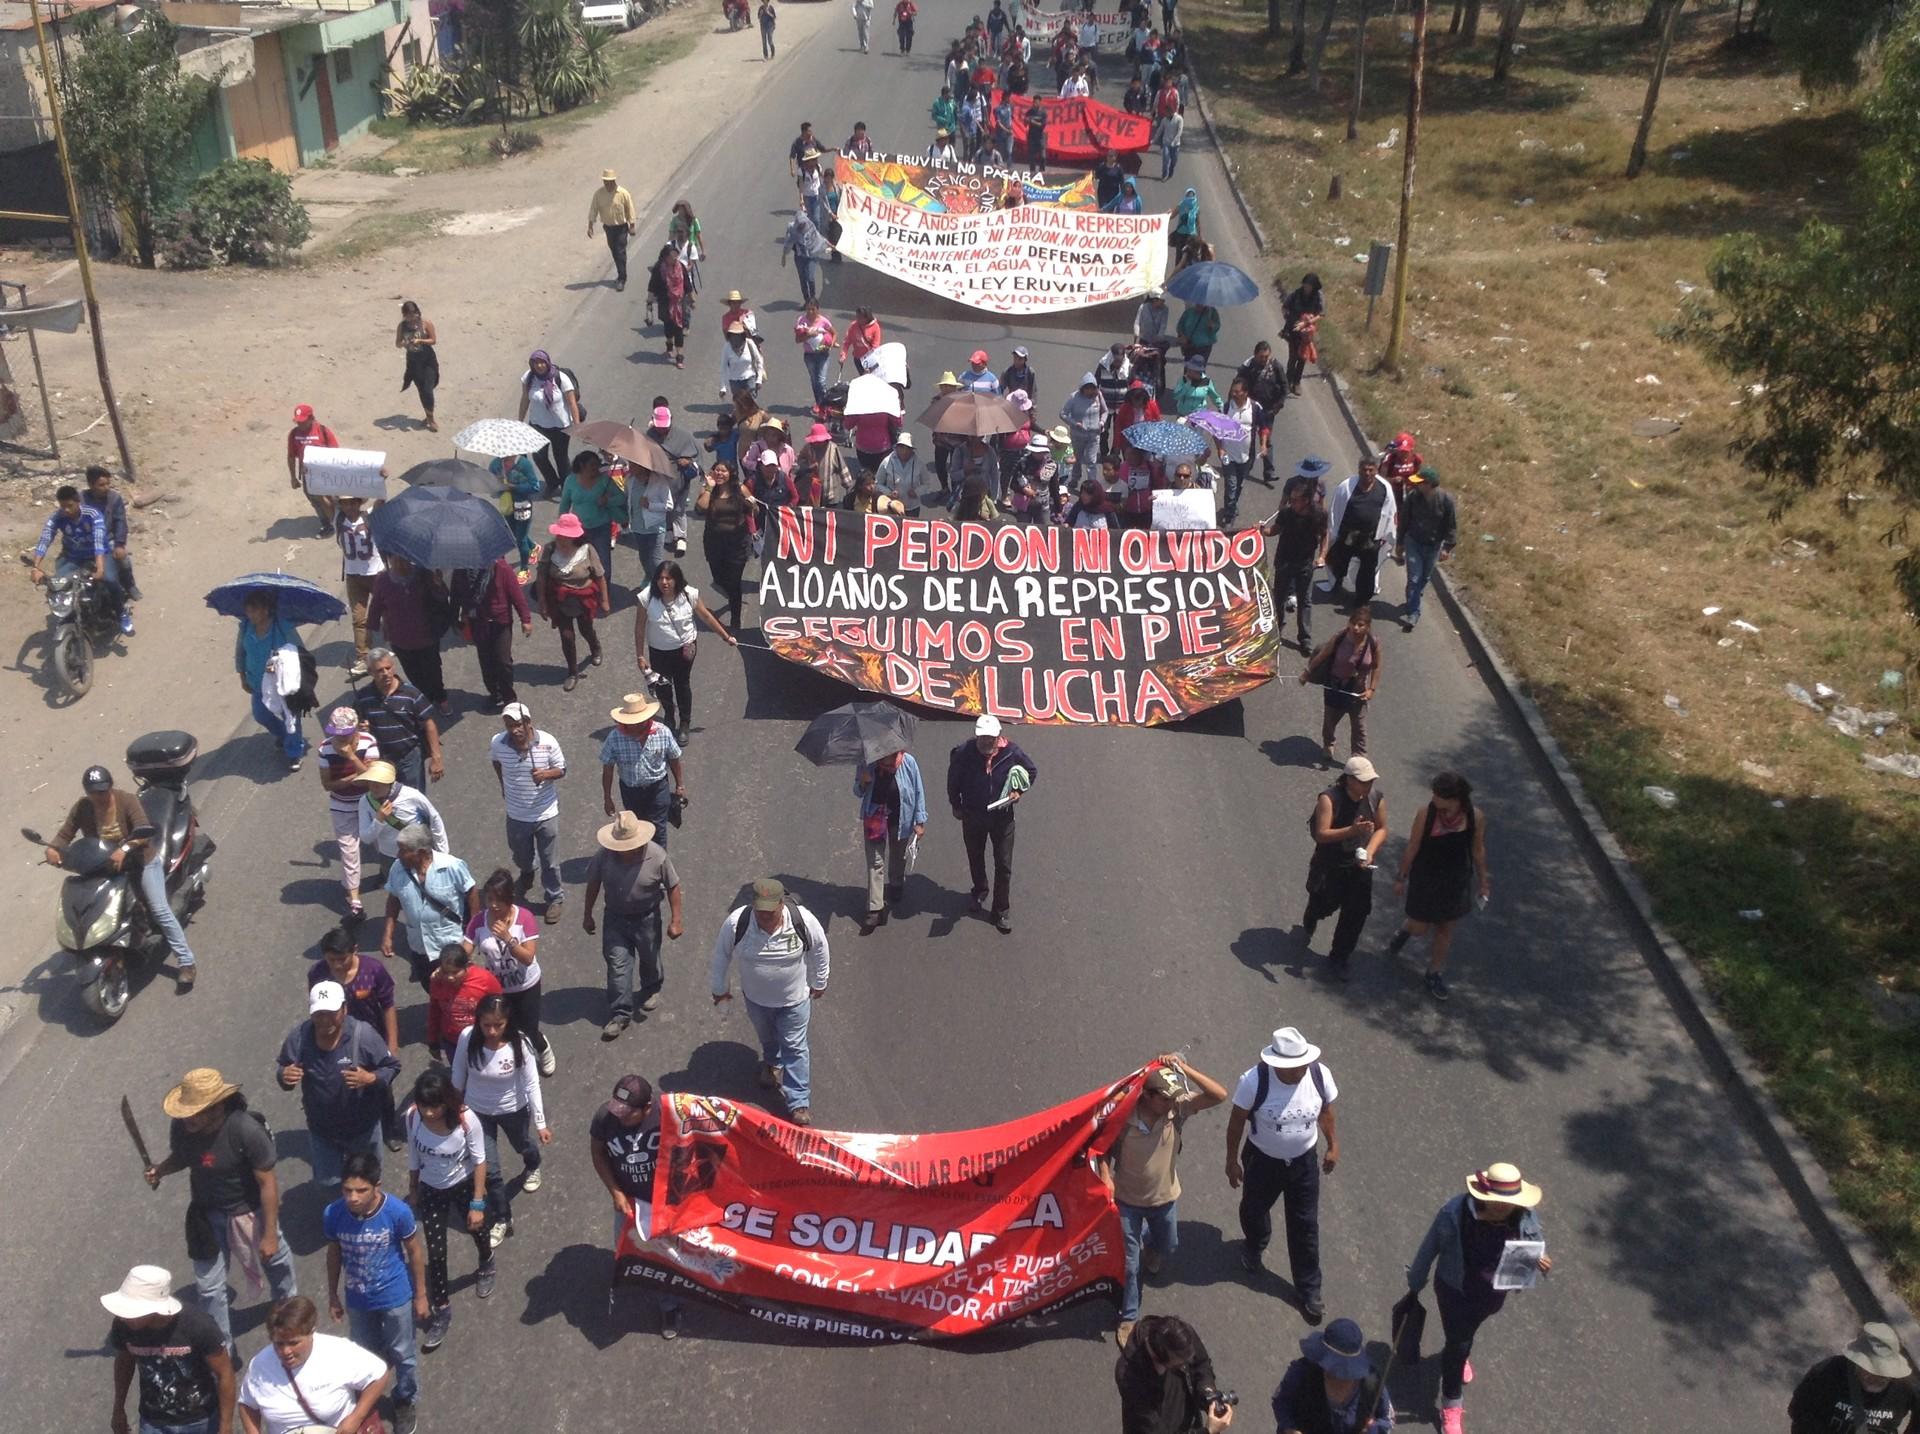 Manifestantes protestan por agresiones en contra de pueblos del lago de Texcoco como San Salvador Atenco.